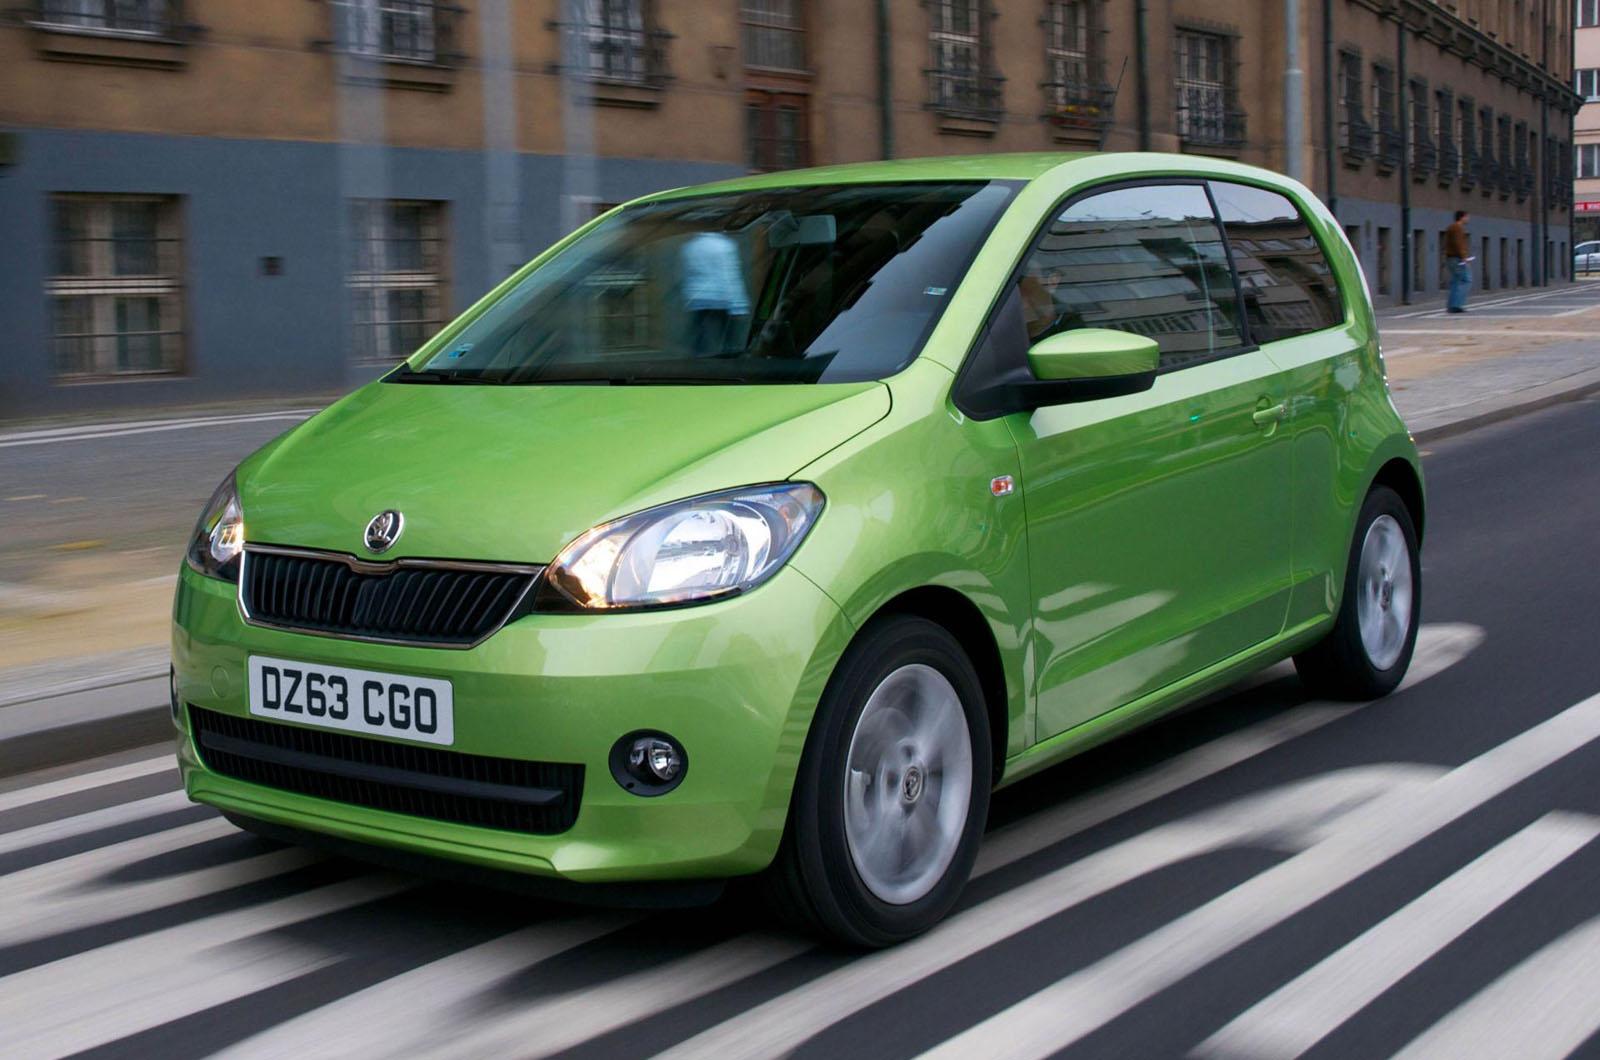 Самый безопасный первый автомобиль показал: Skoda Citigo превосходит Volkswagen Up